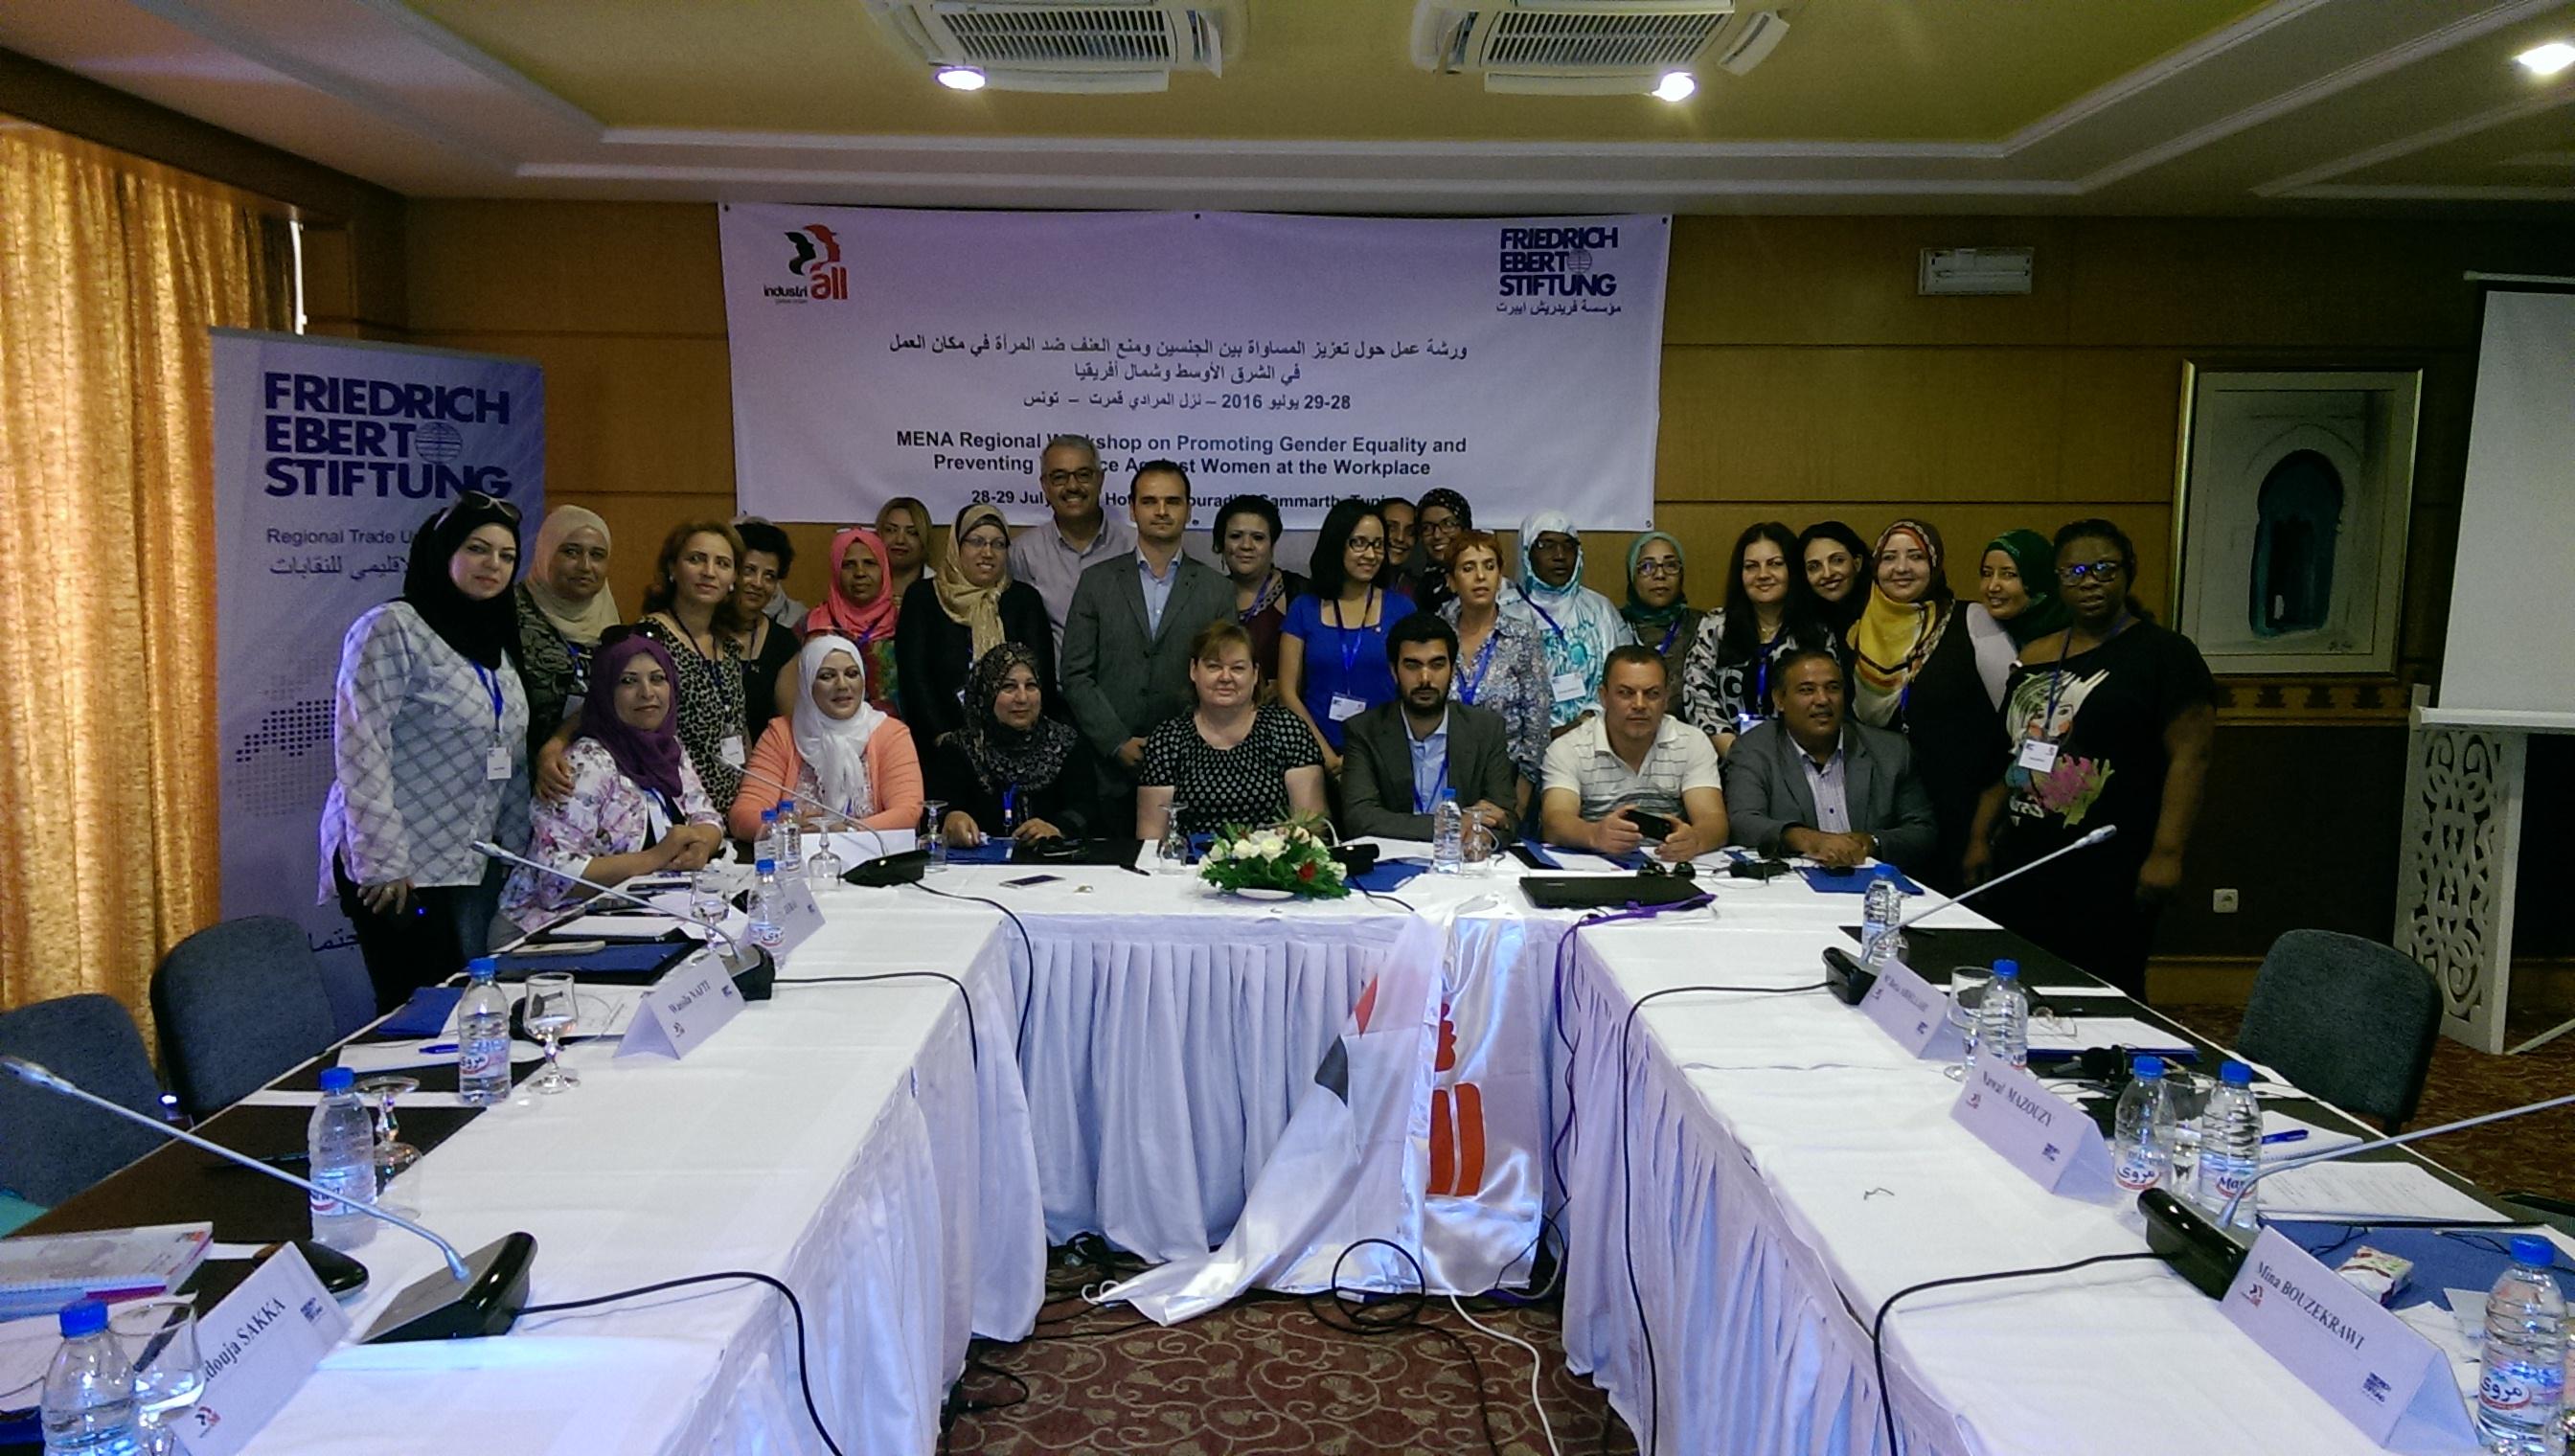 La red de mujeres de oman en campa a contra la violencia en el lugar de trabajo industriall